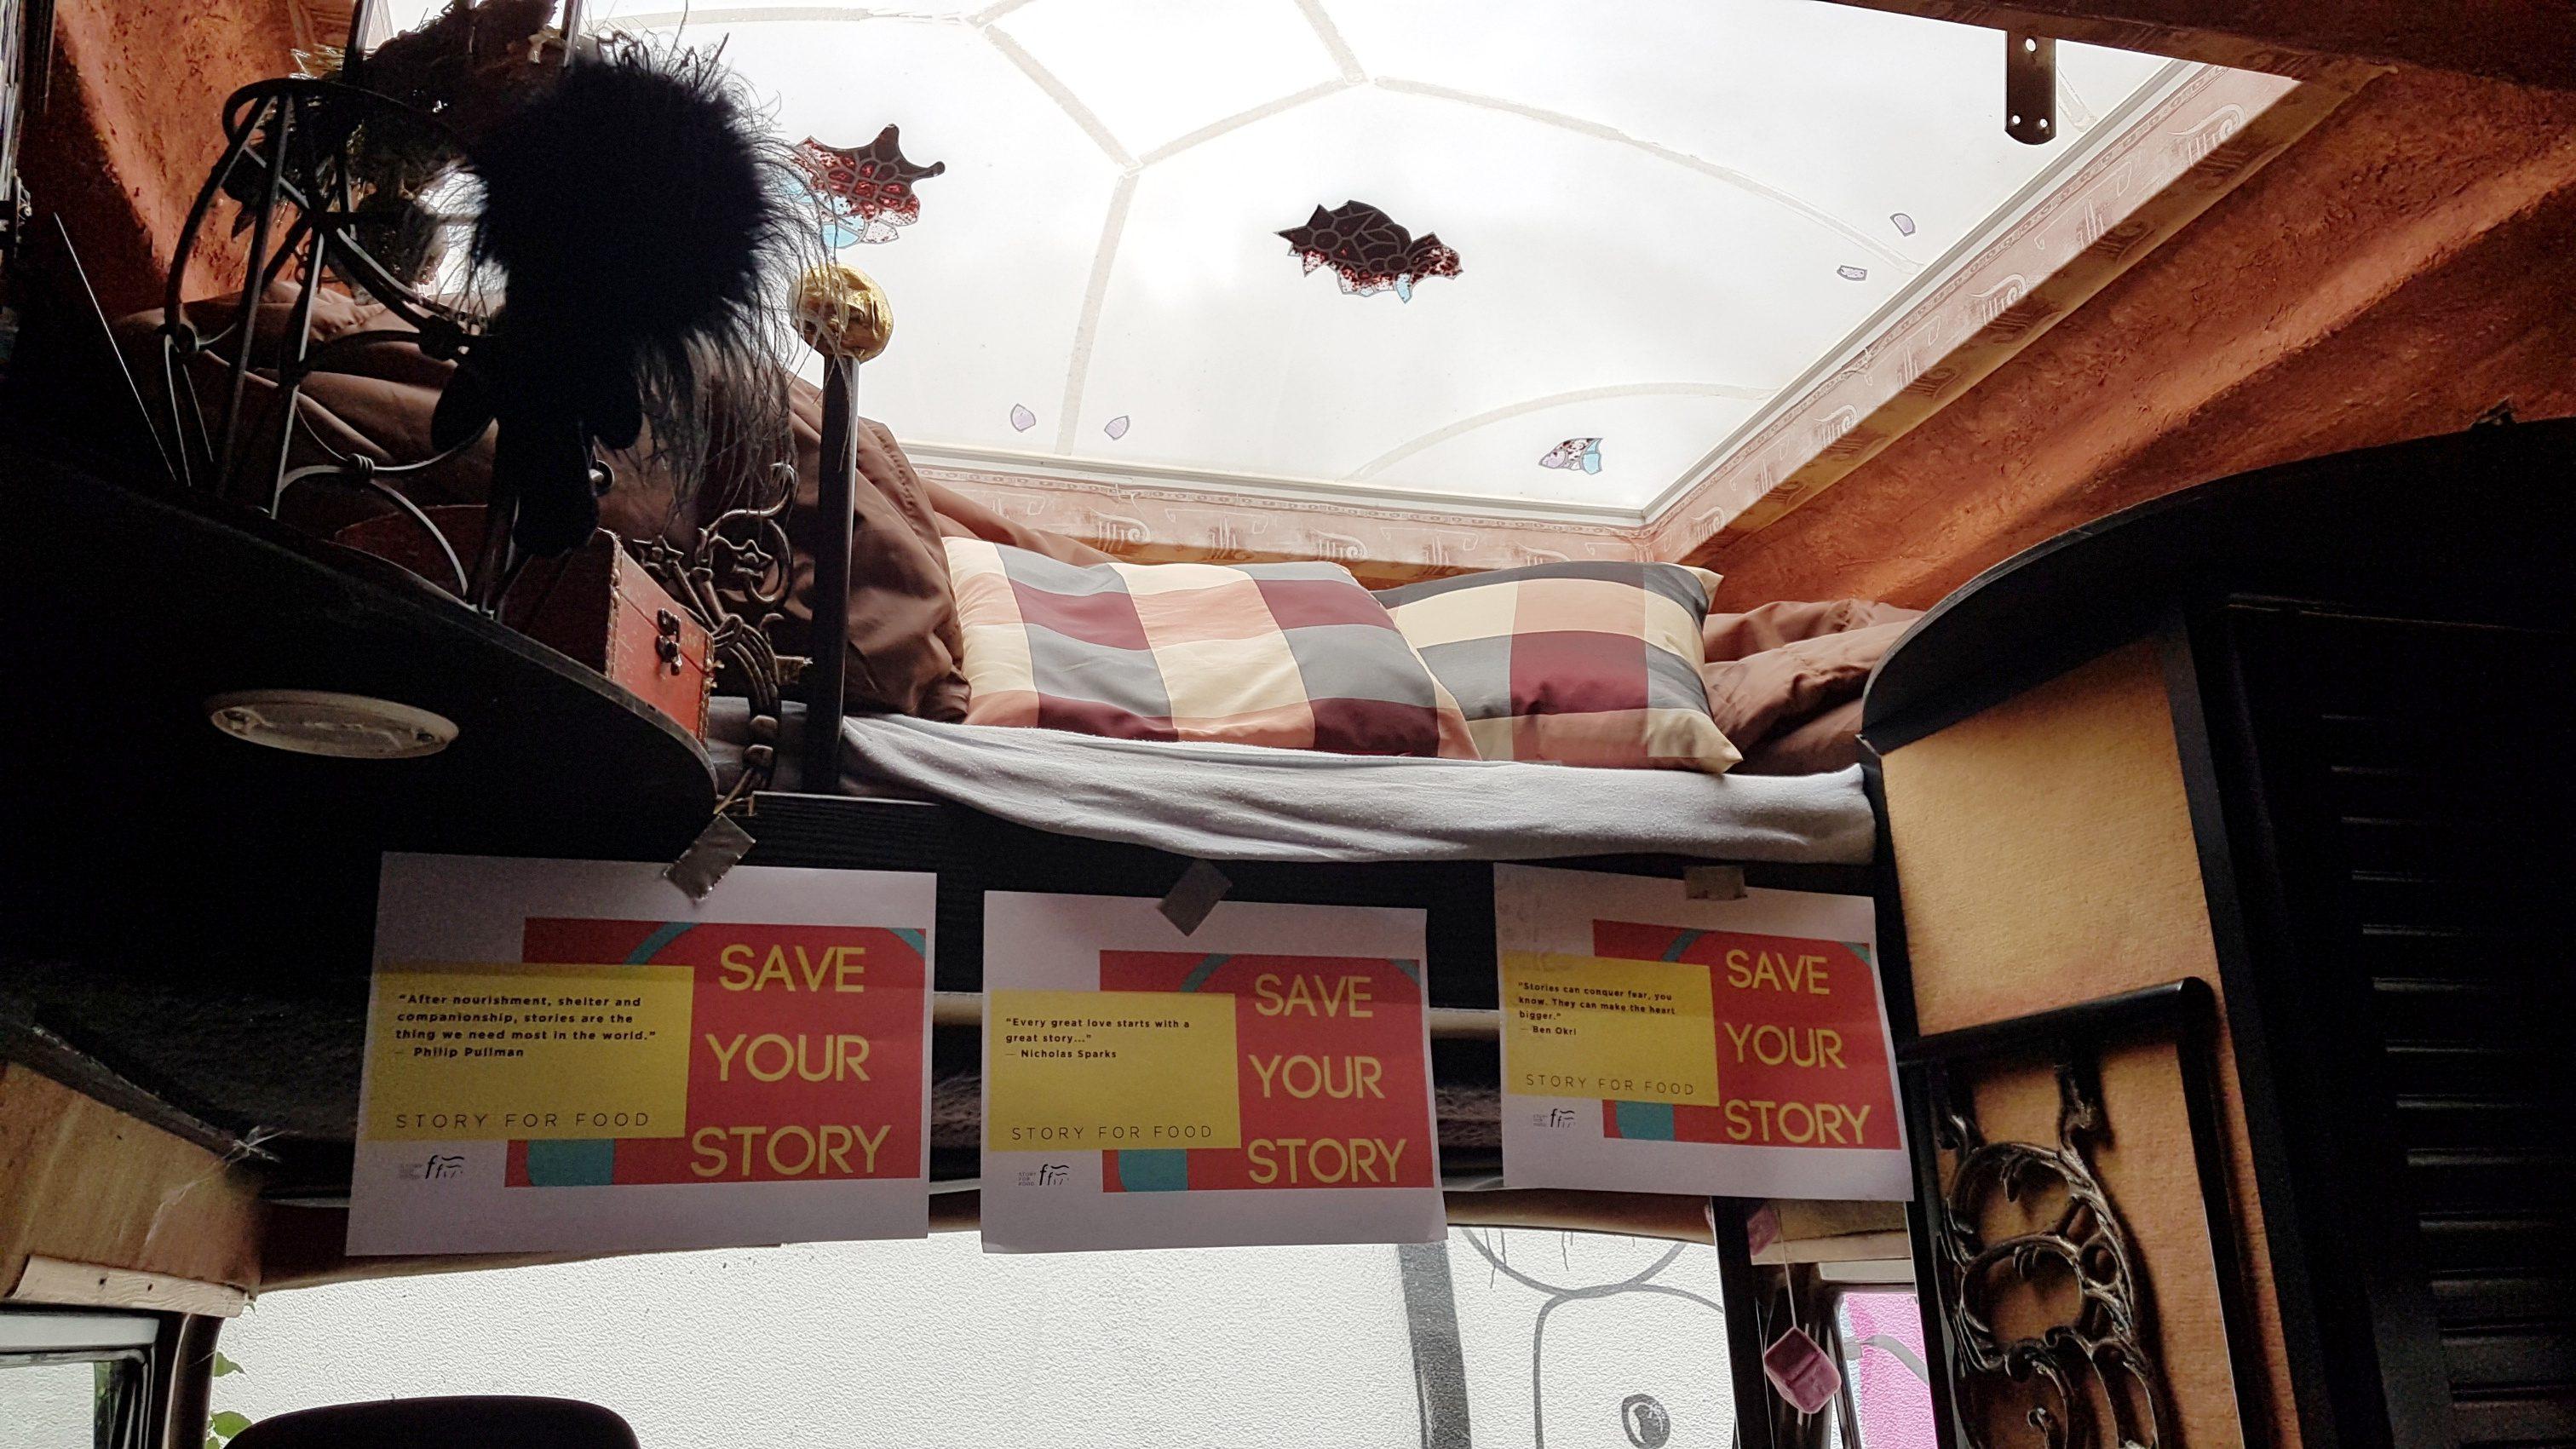 Das Innere des Vans mit dem Plakaten und einer Kuscheldecke im oberen Teil.